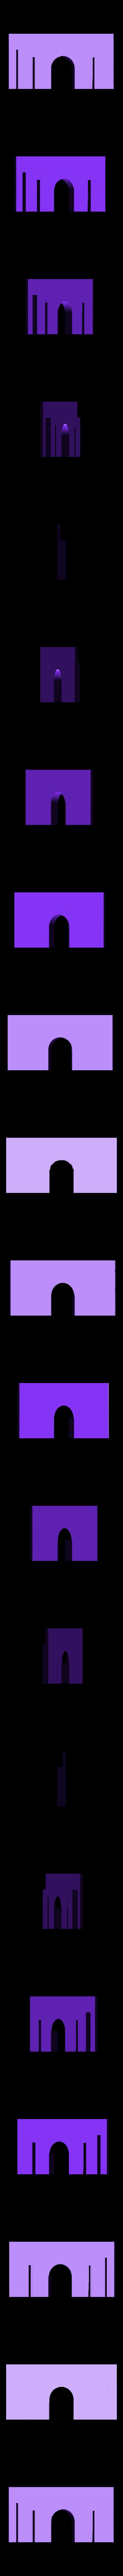 pet-displayBase.stl Télécharger fichier STL gratuit Mini Commodore PET with Charlieplexed LED Matrix • Plan à imprimer en 3D, Adafruit